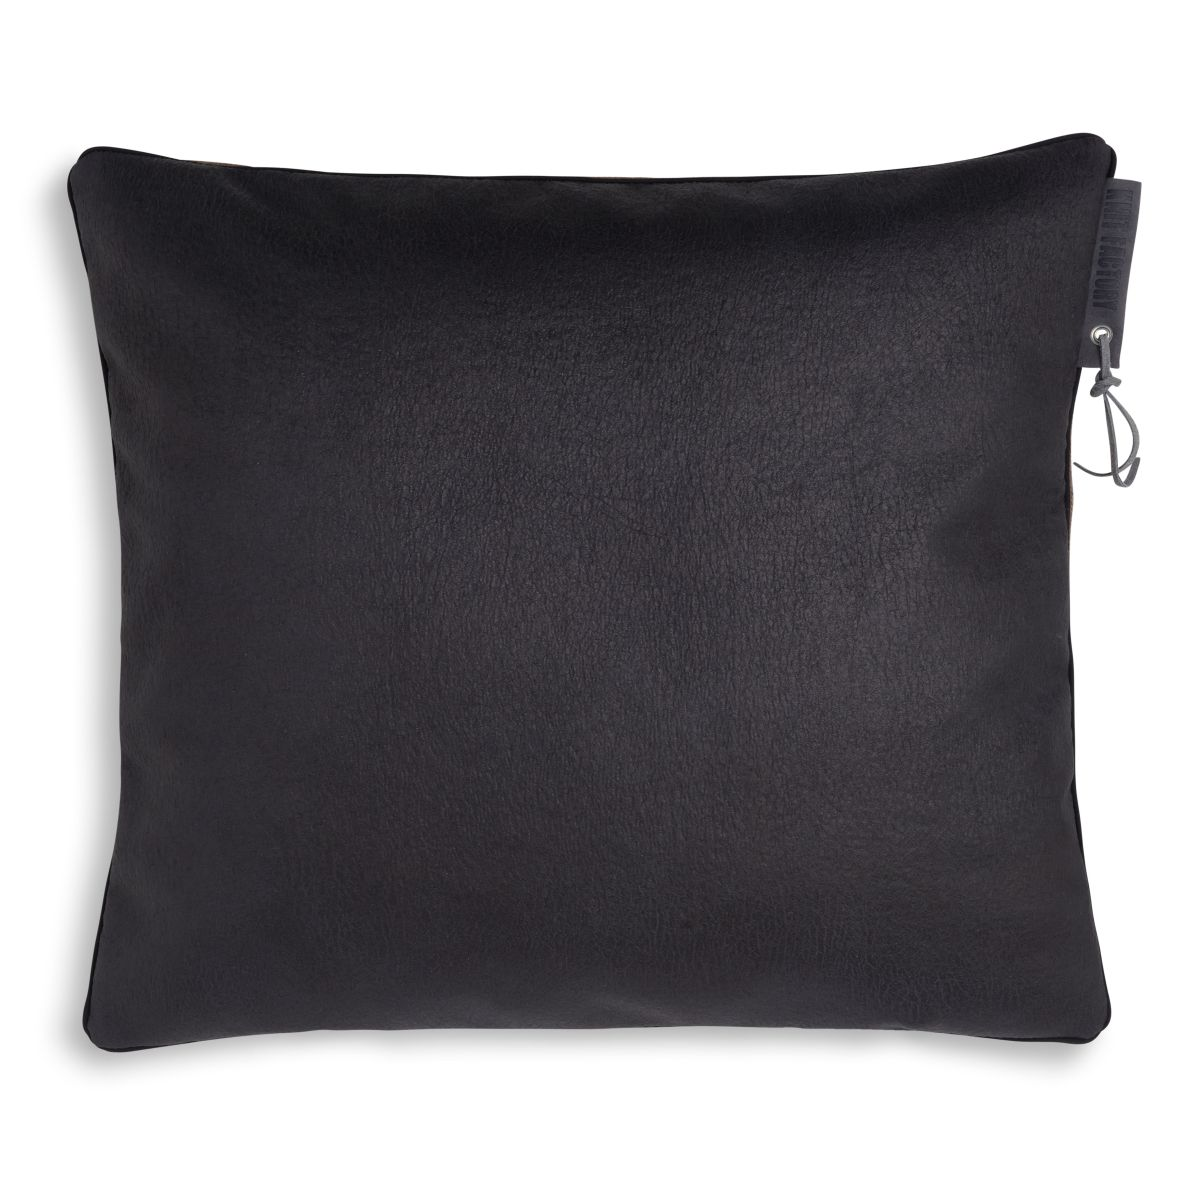 james cushion green 50x50